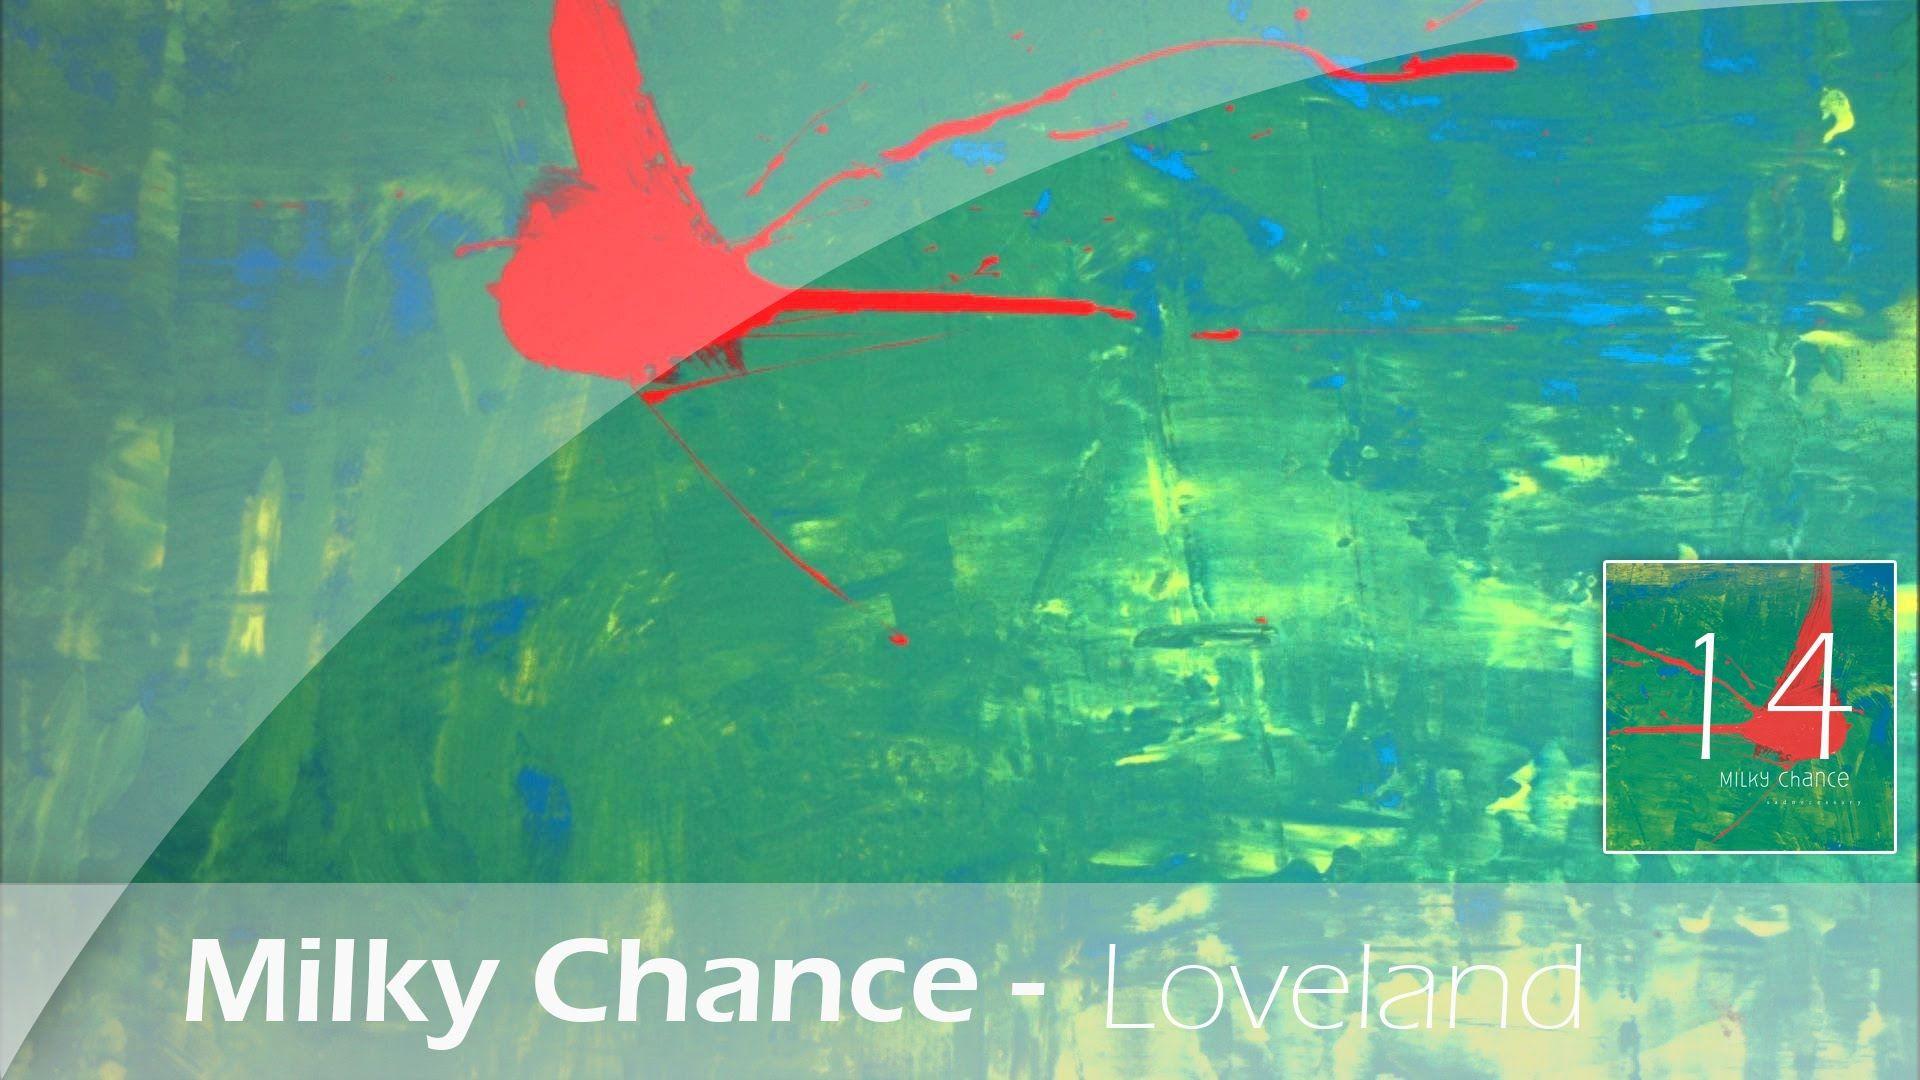 Milky chance stolen dance скачать бесплатно рингтон